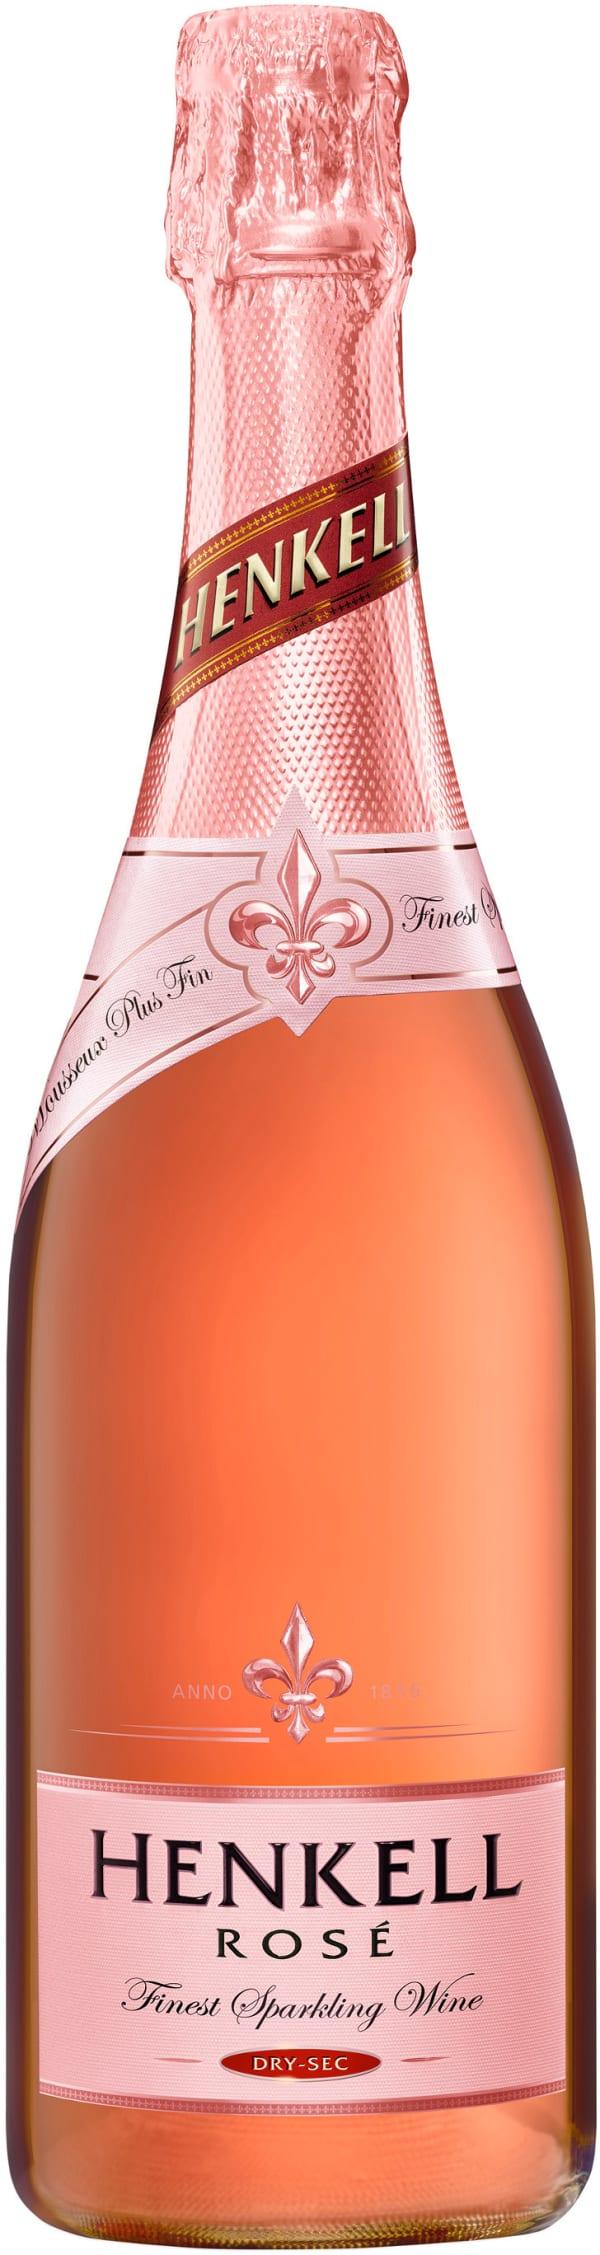 Henkell Rosé Sekt Dry